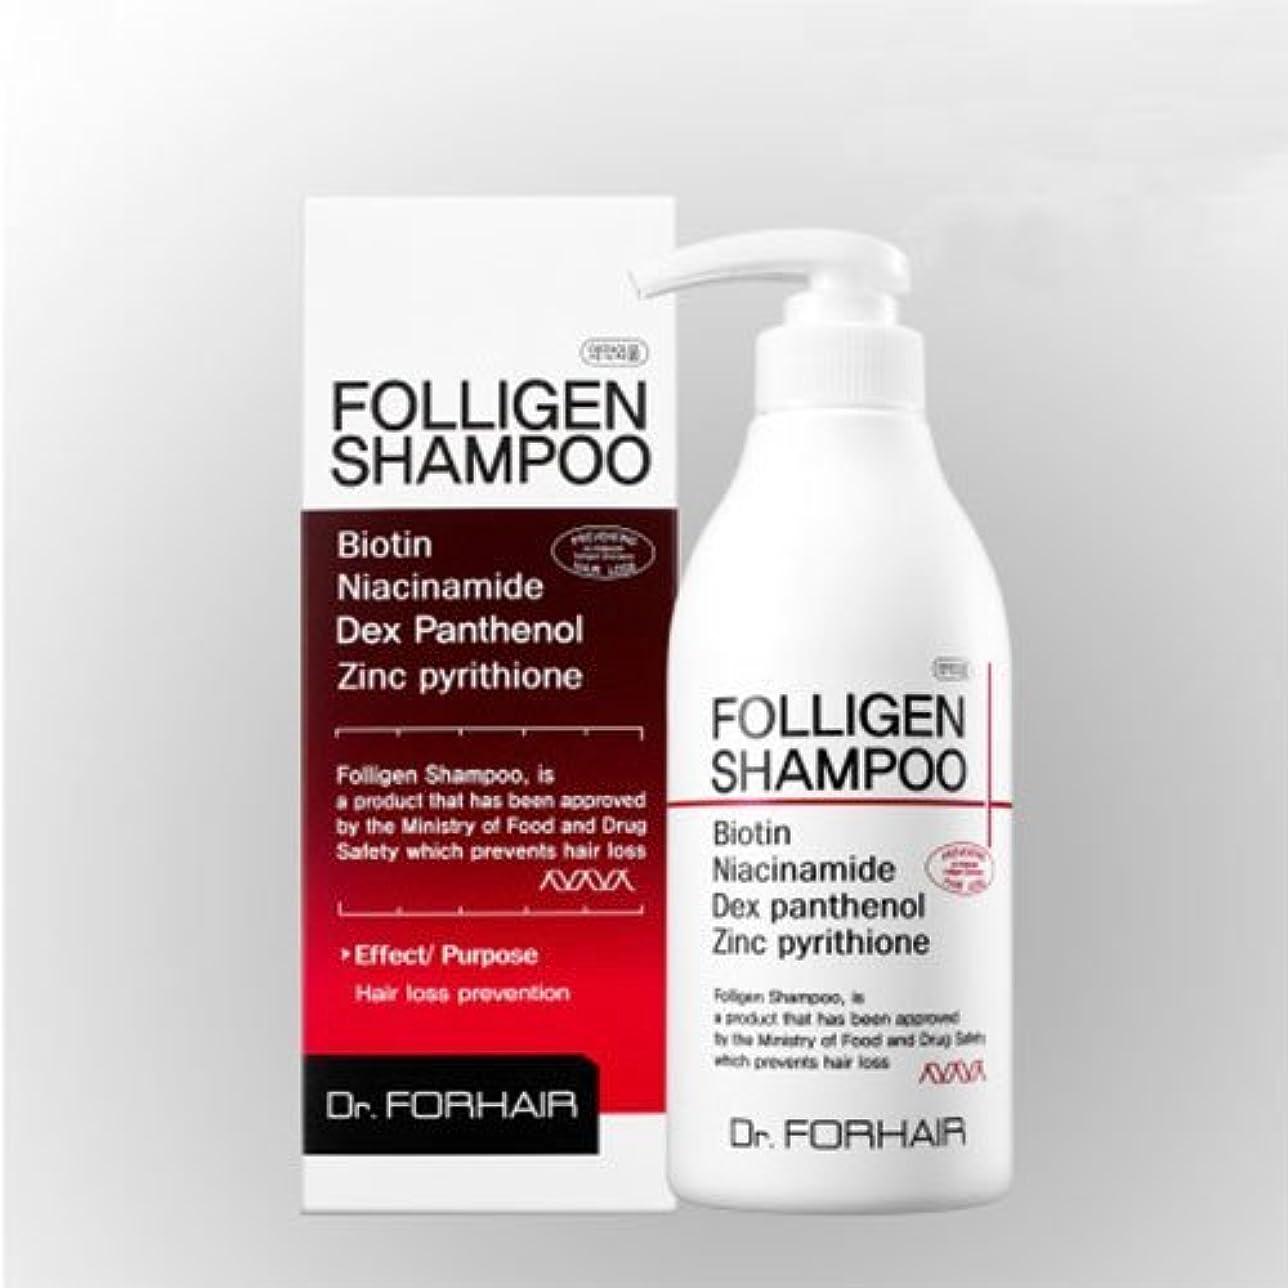 スポークスマン考えるでダクト?フォーヘア ポルリジェン シャンプー500ml 脱毛防止シャンプー[並行輸入品] / Dr. Forhair Folligen Shampoo 500ml (16.9 fl.oz.) for Hair Loss Prevention